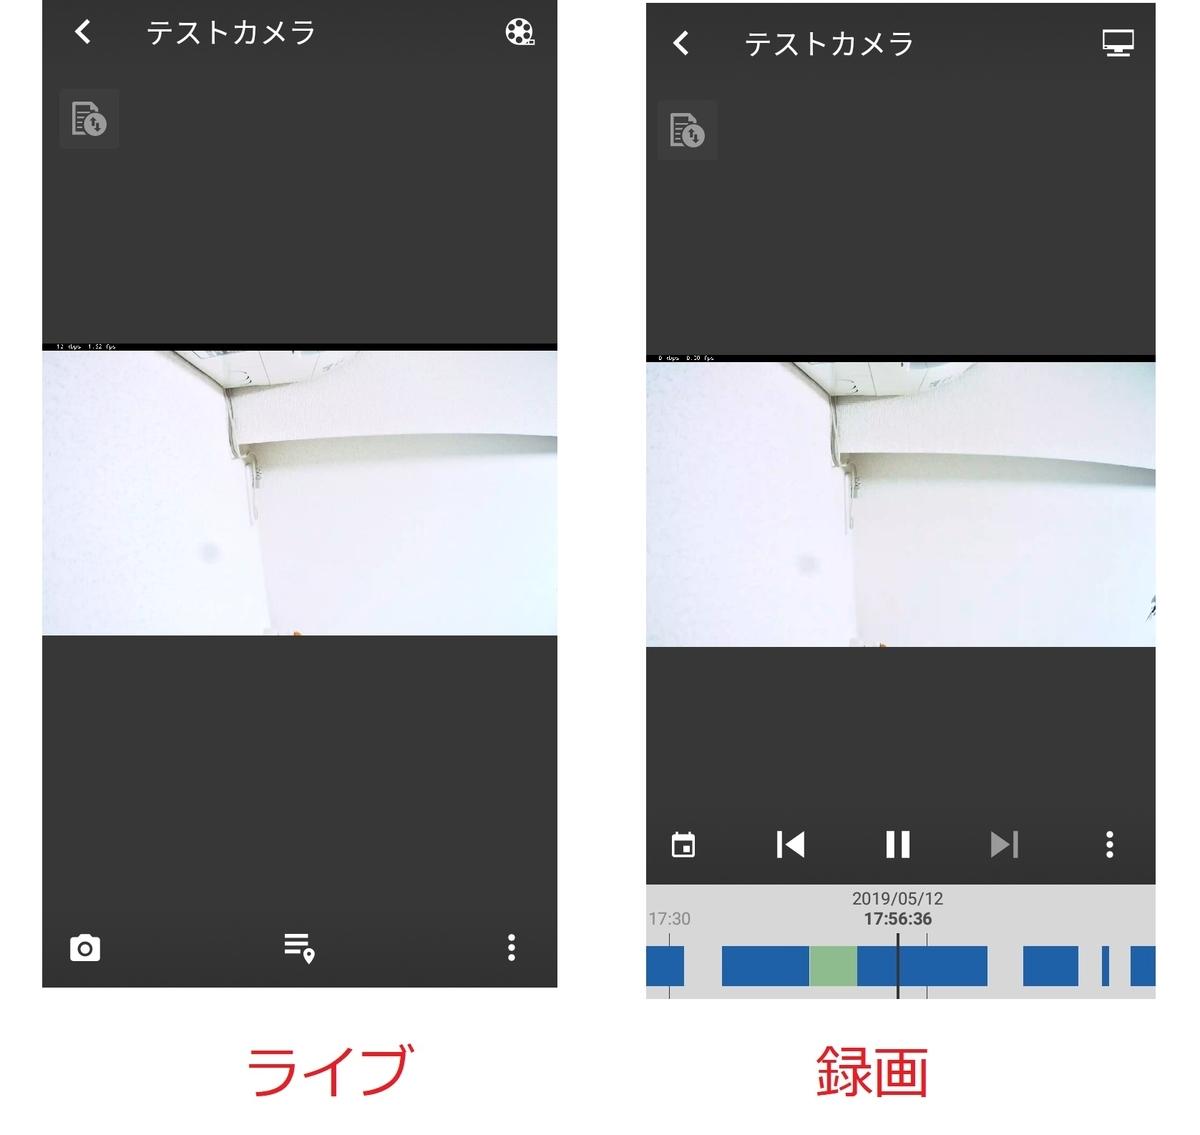 f:id:networkcamera:20190512205214j:plain